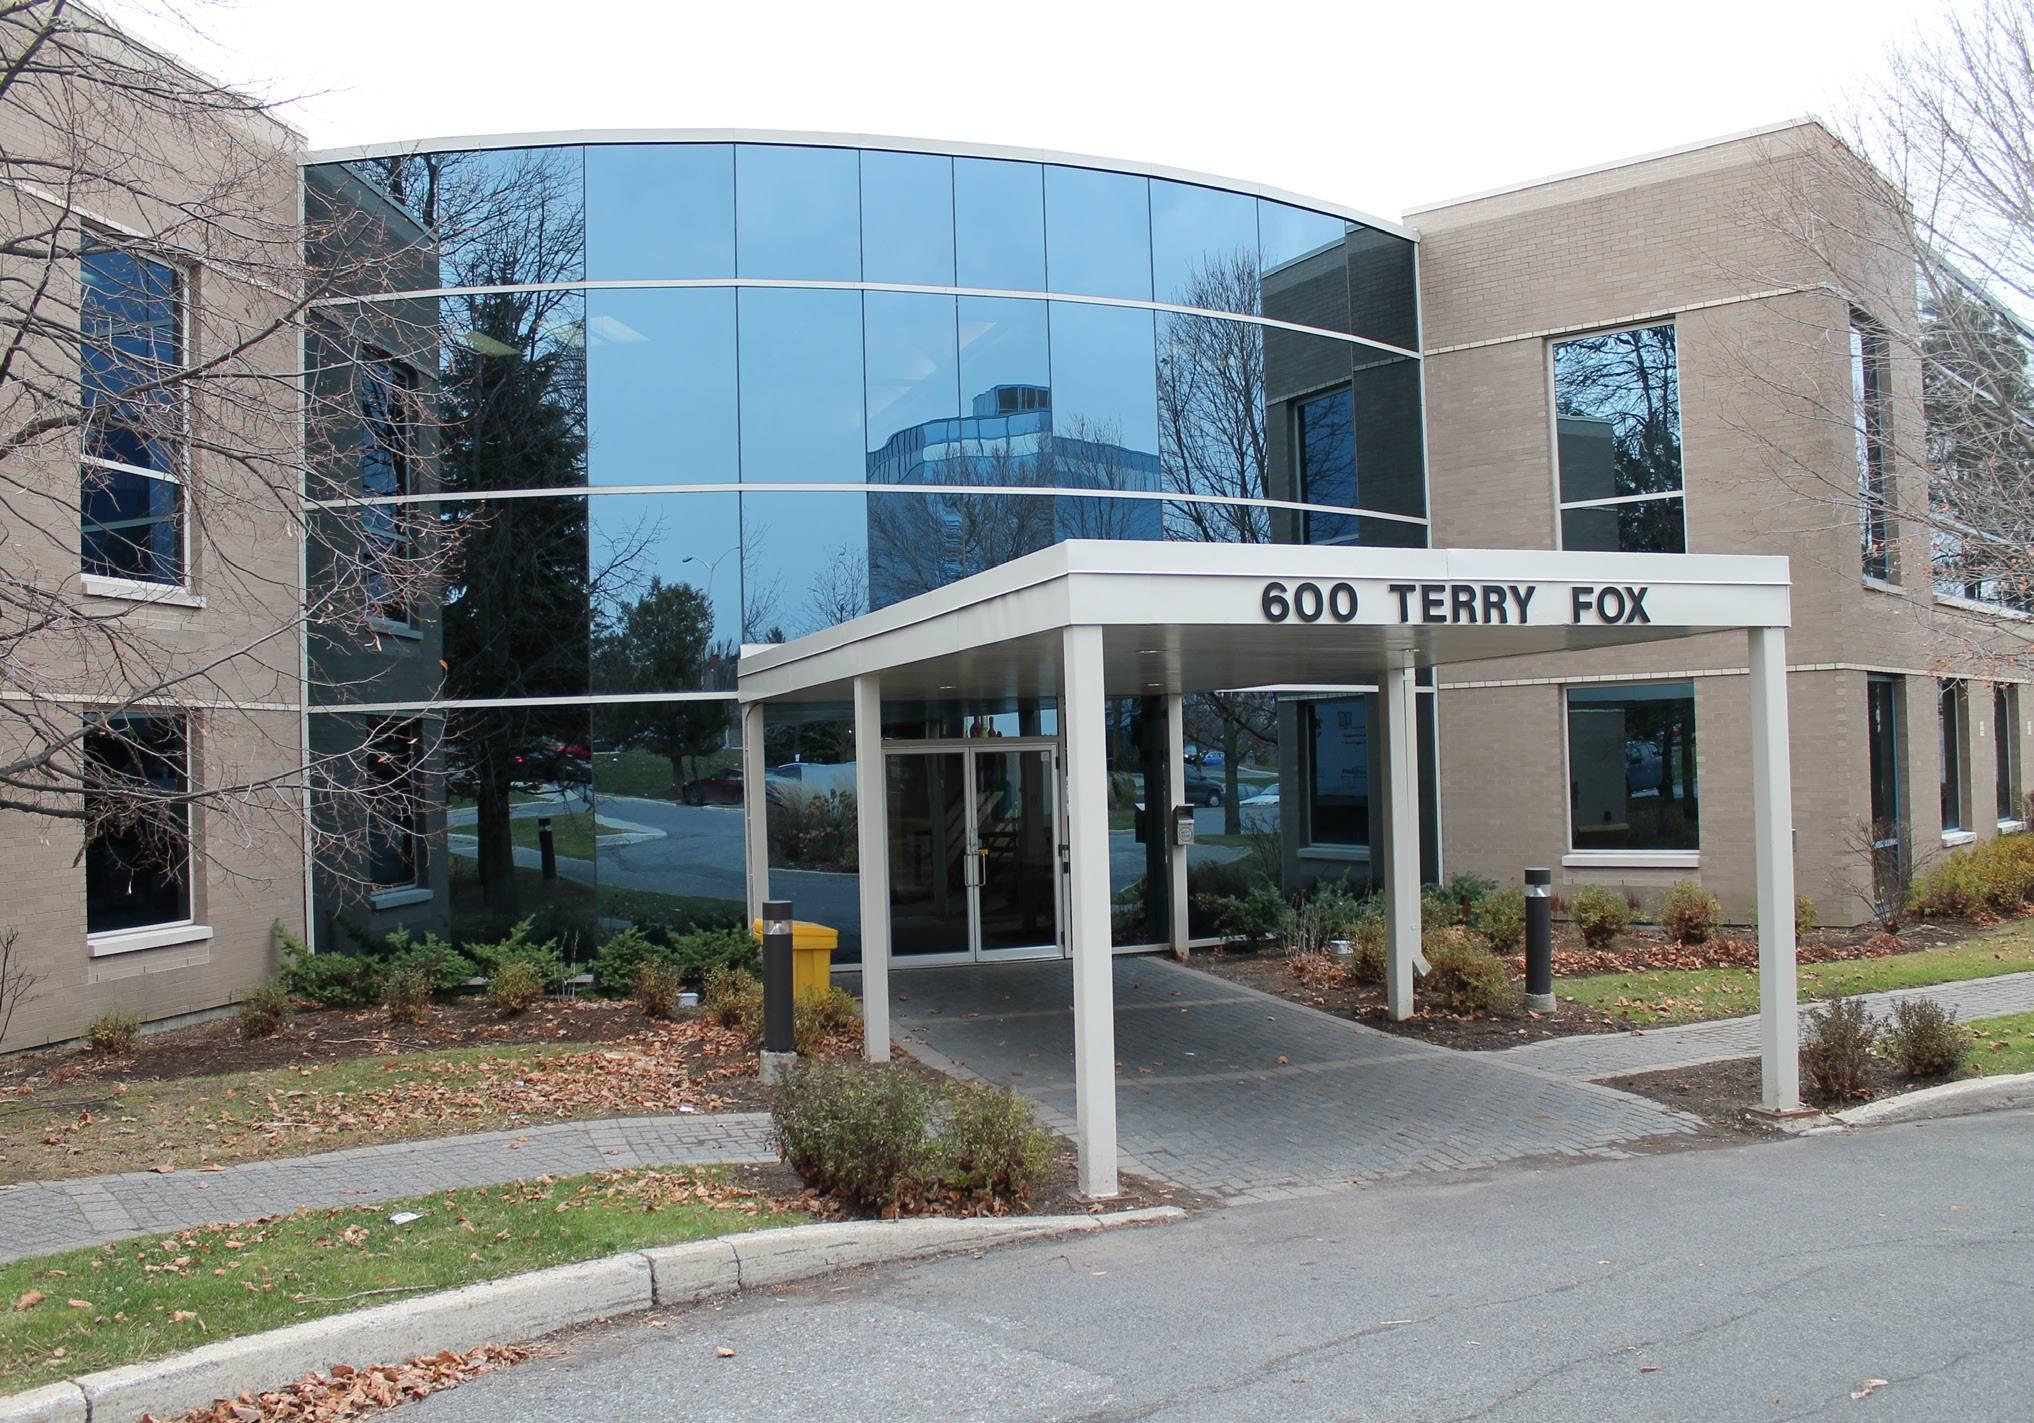 600 allée Terry Fox, Kanata, Ontario